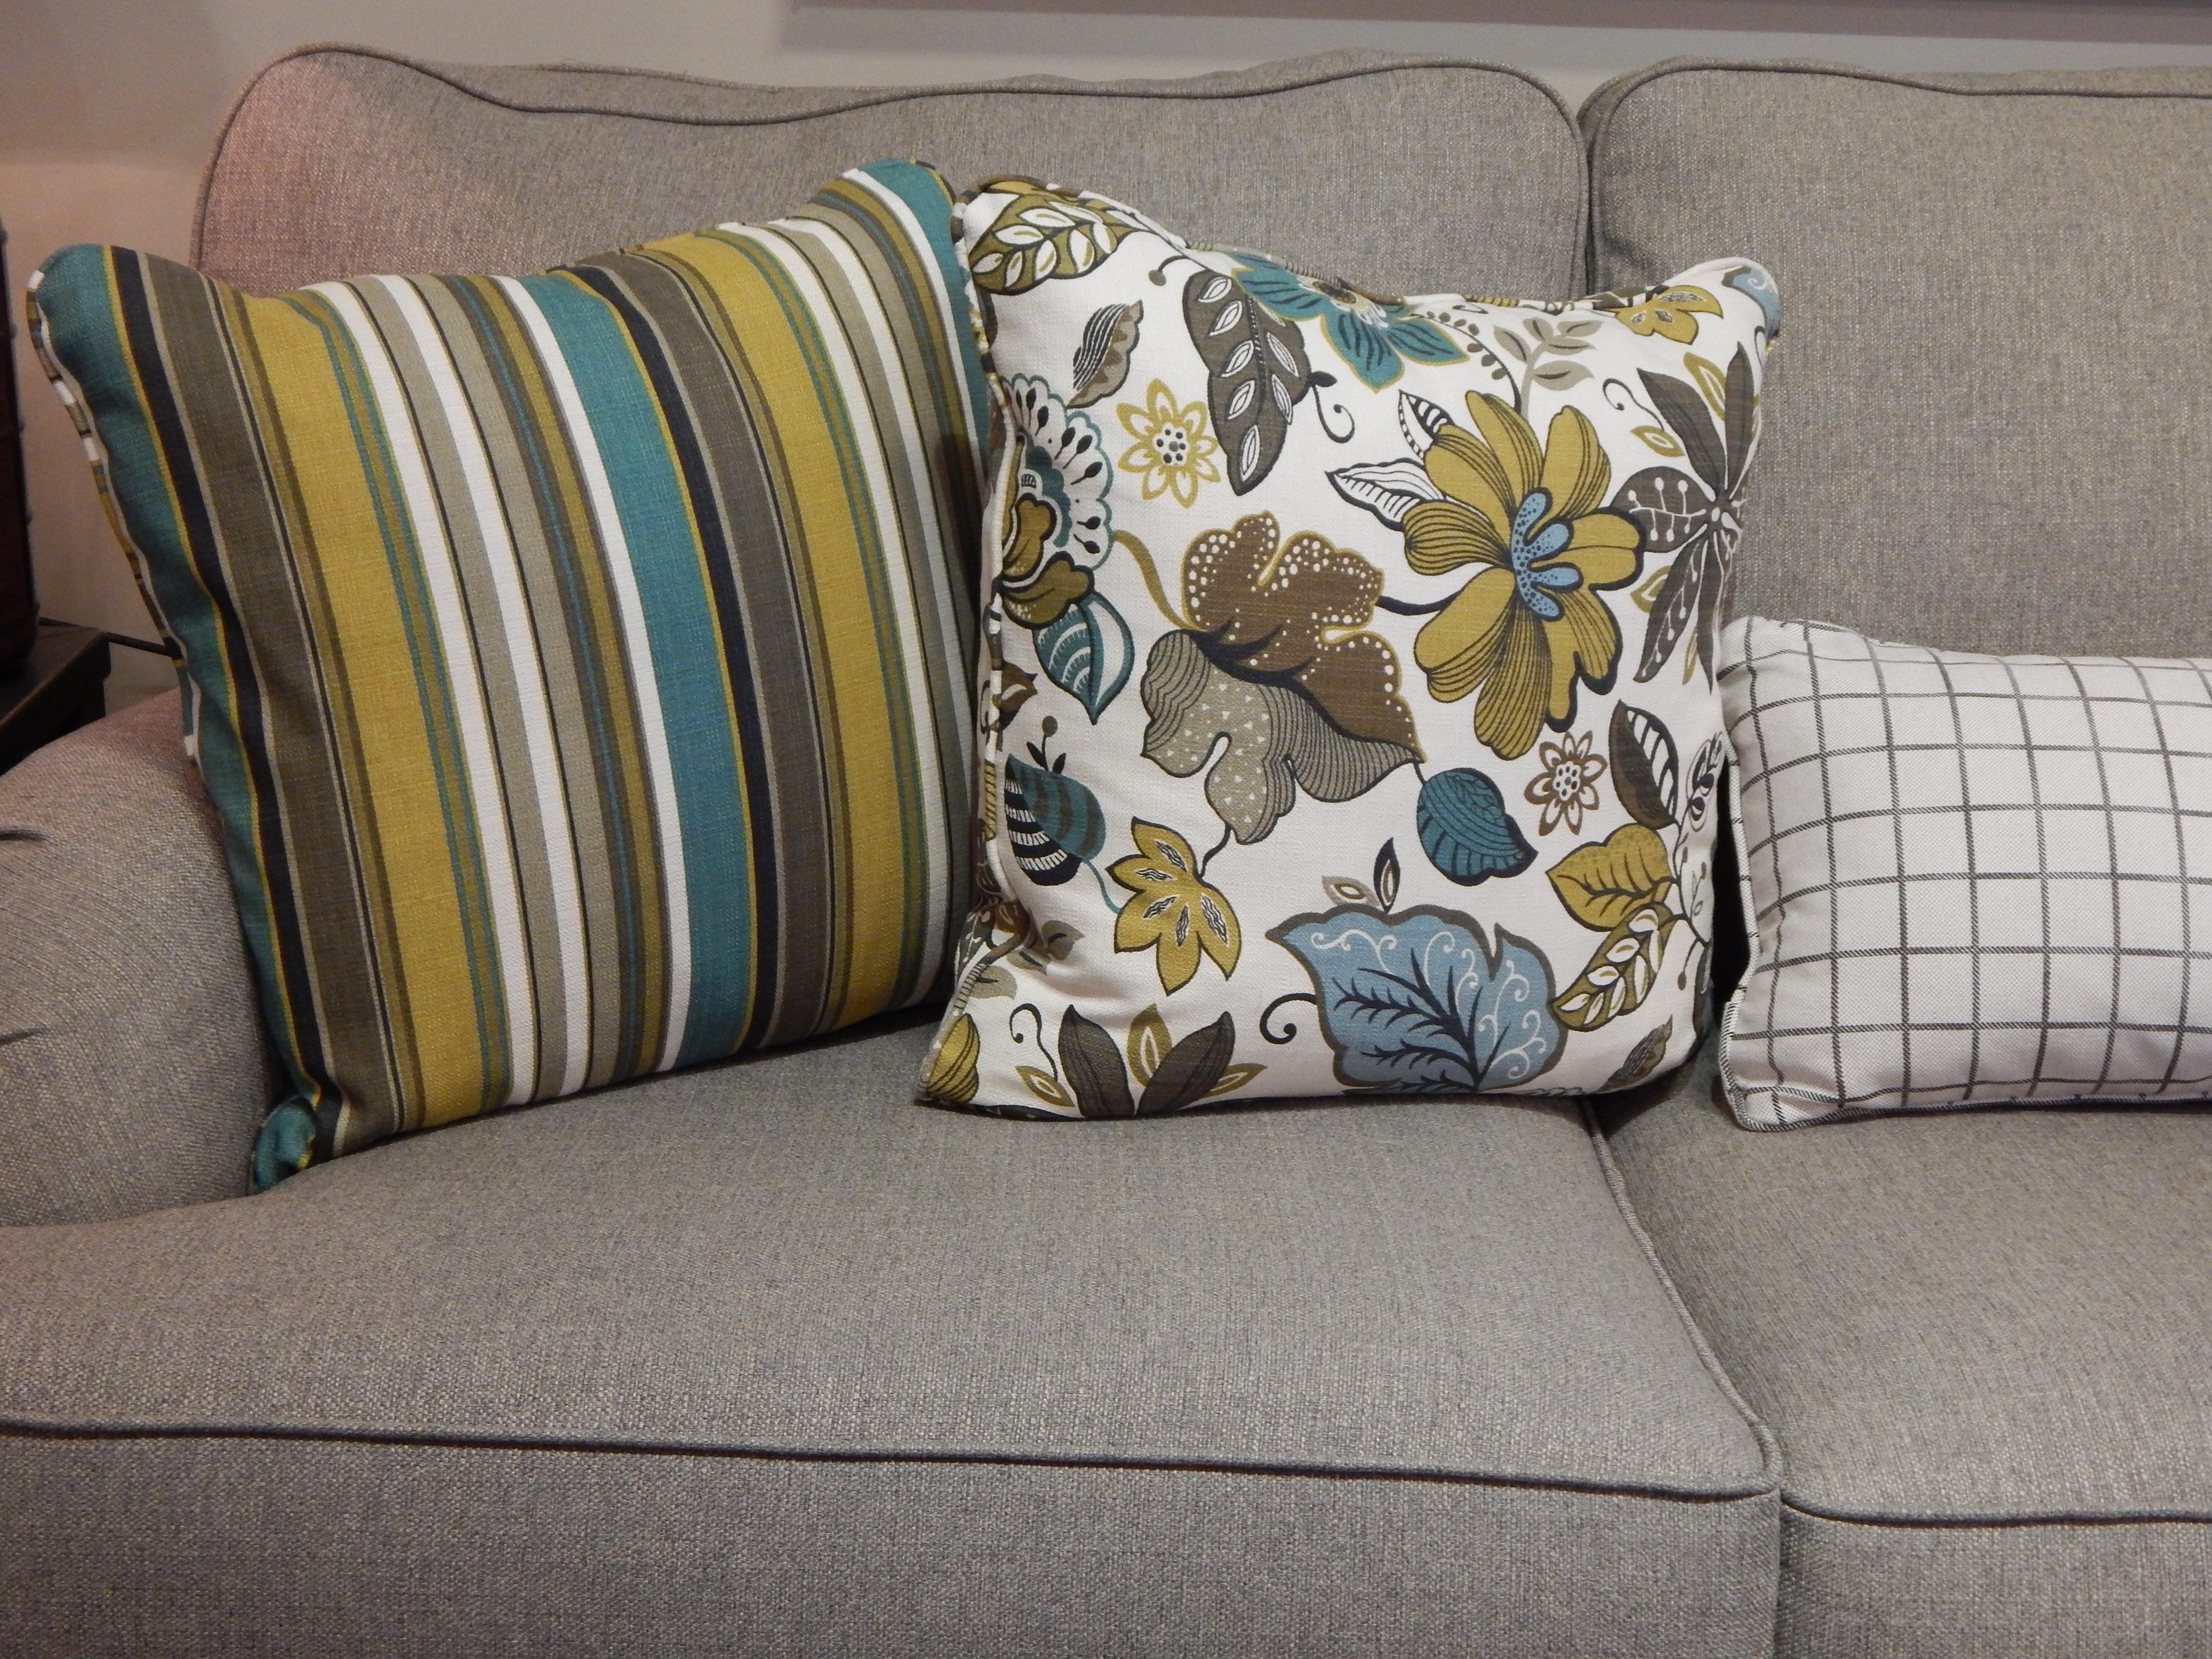 Images Gratuites : sol, intérieur, salon, meubles, chambre, canapé ...